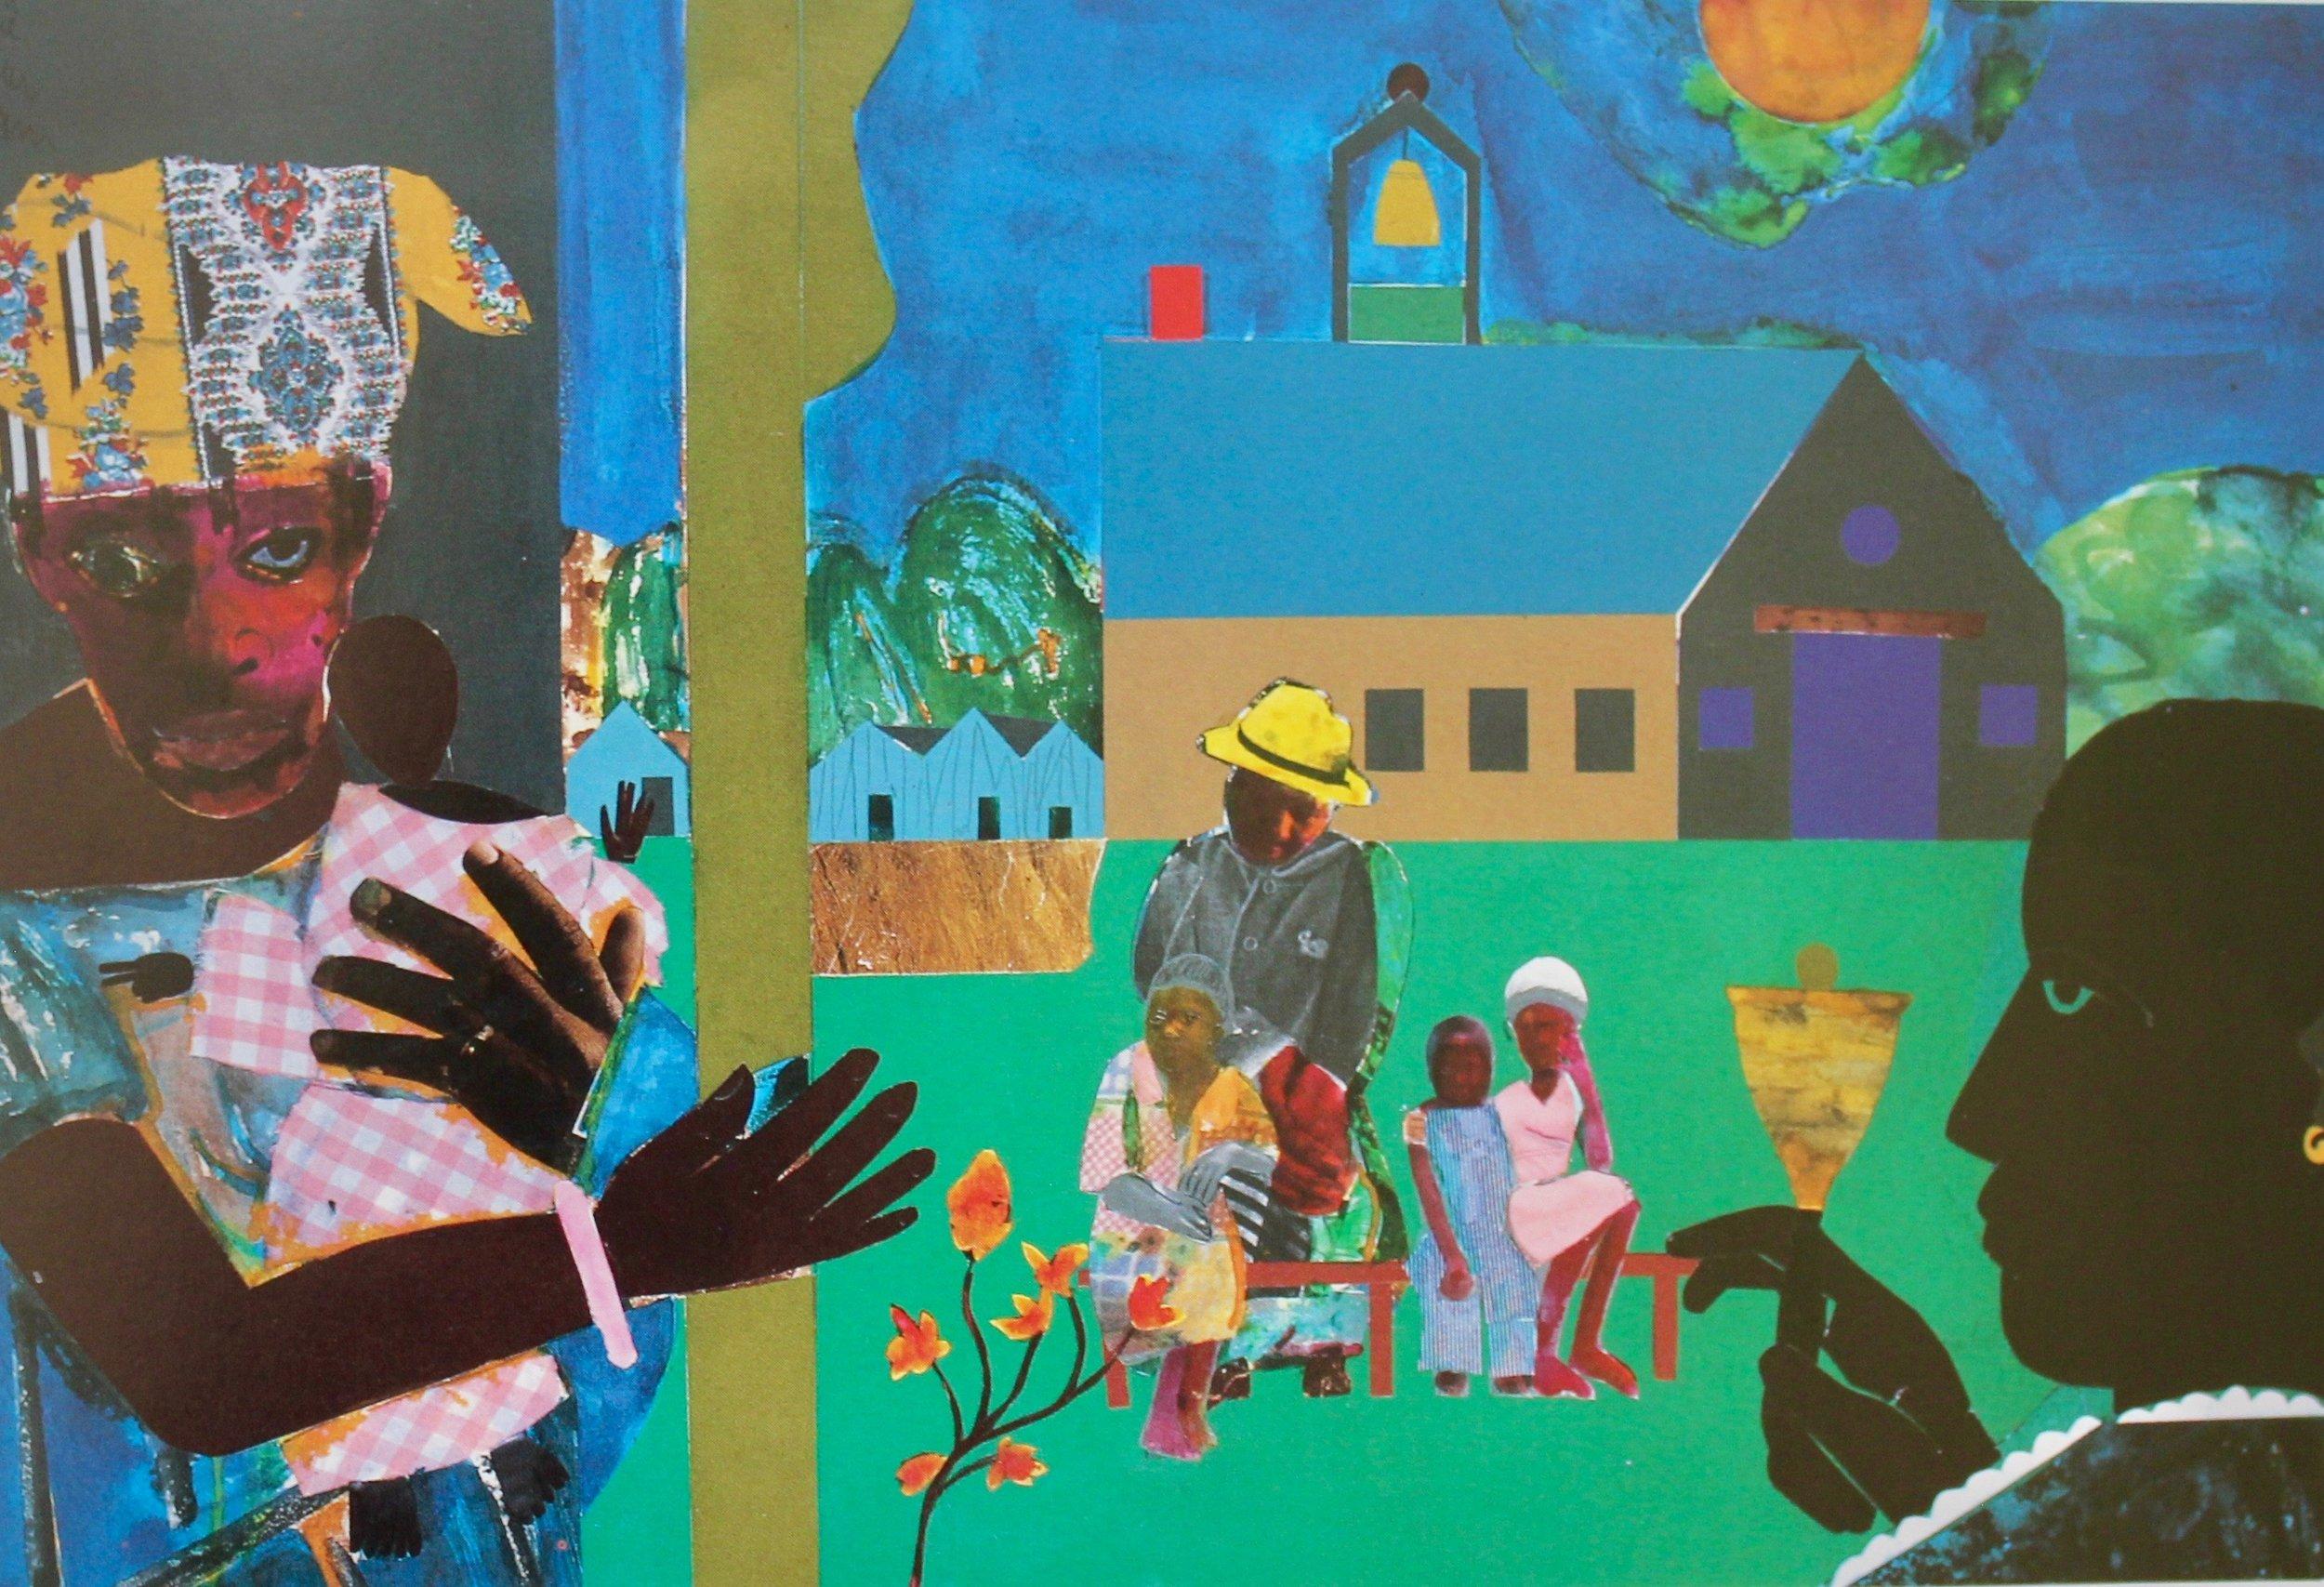 """""""School Bell Time"""" by Romare Bearden"""